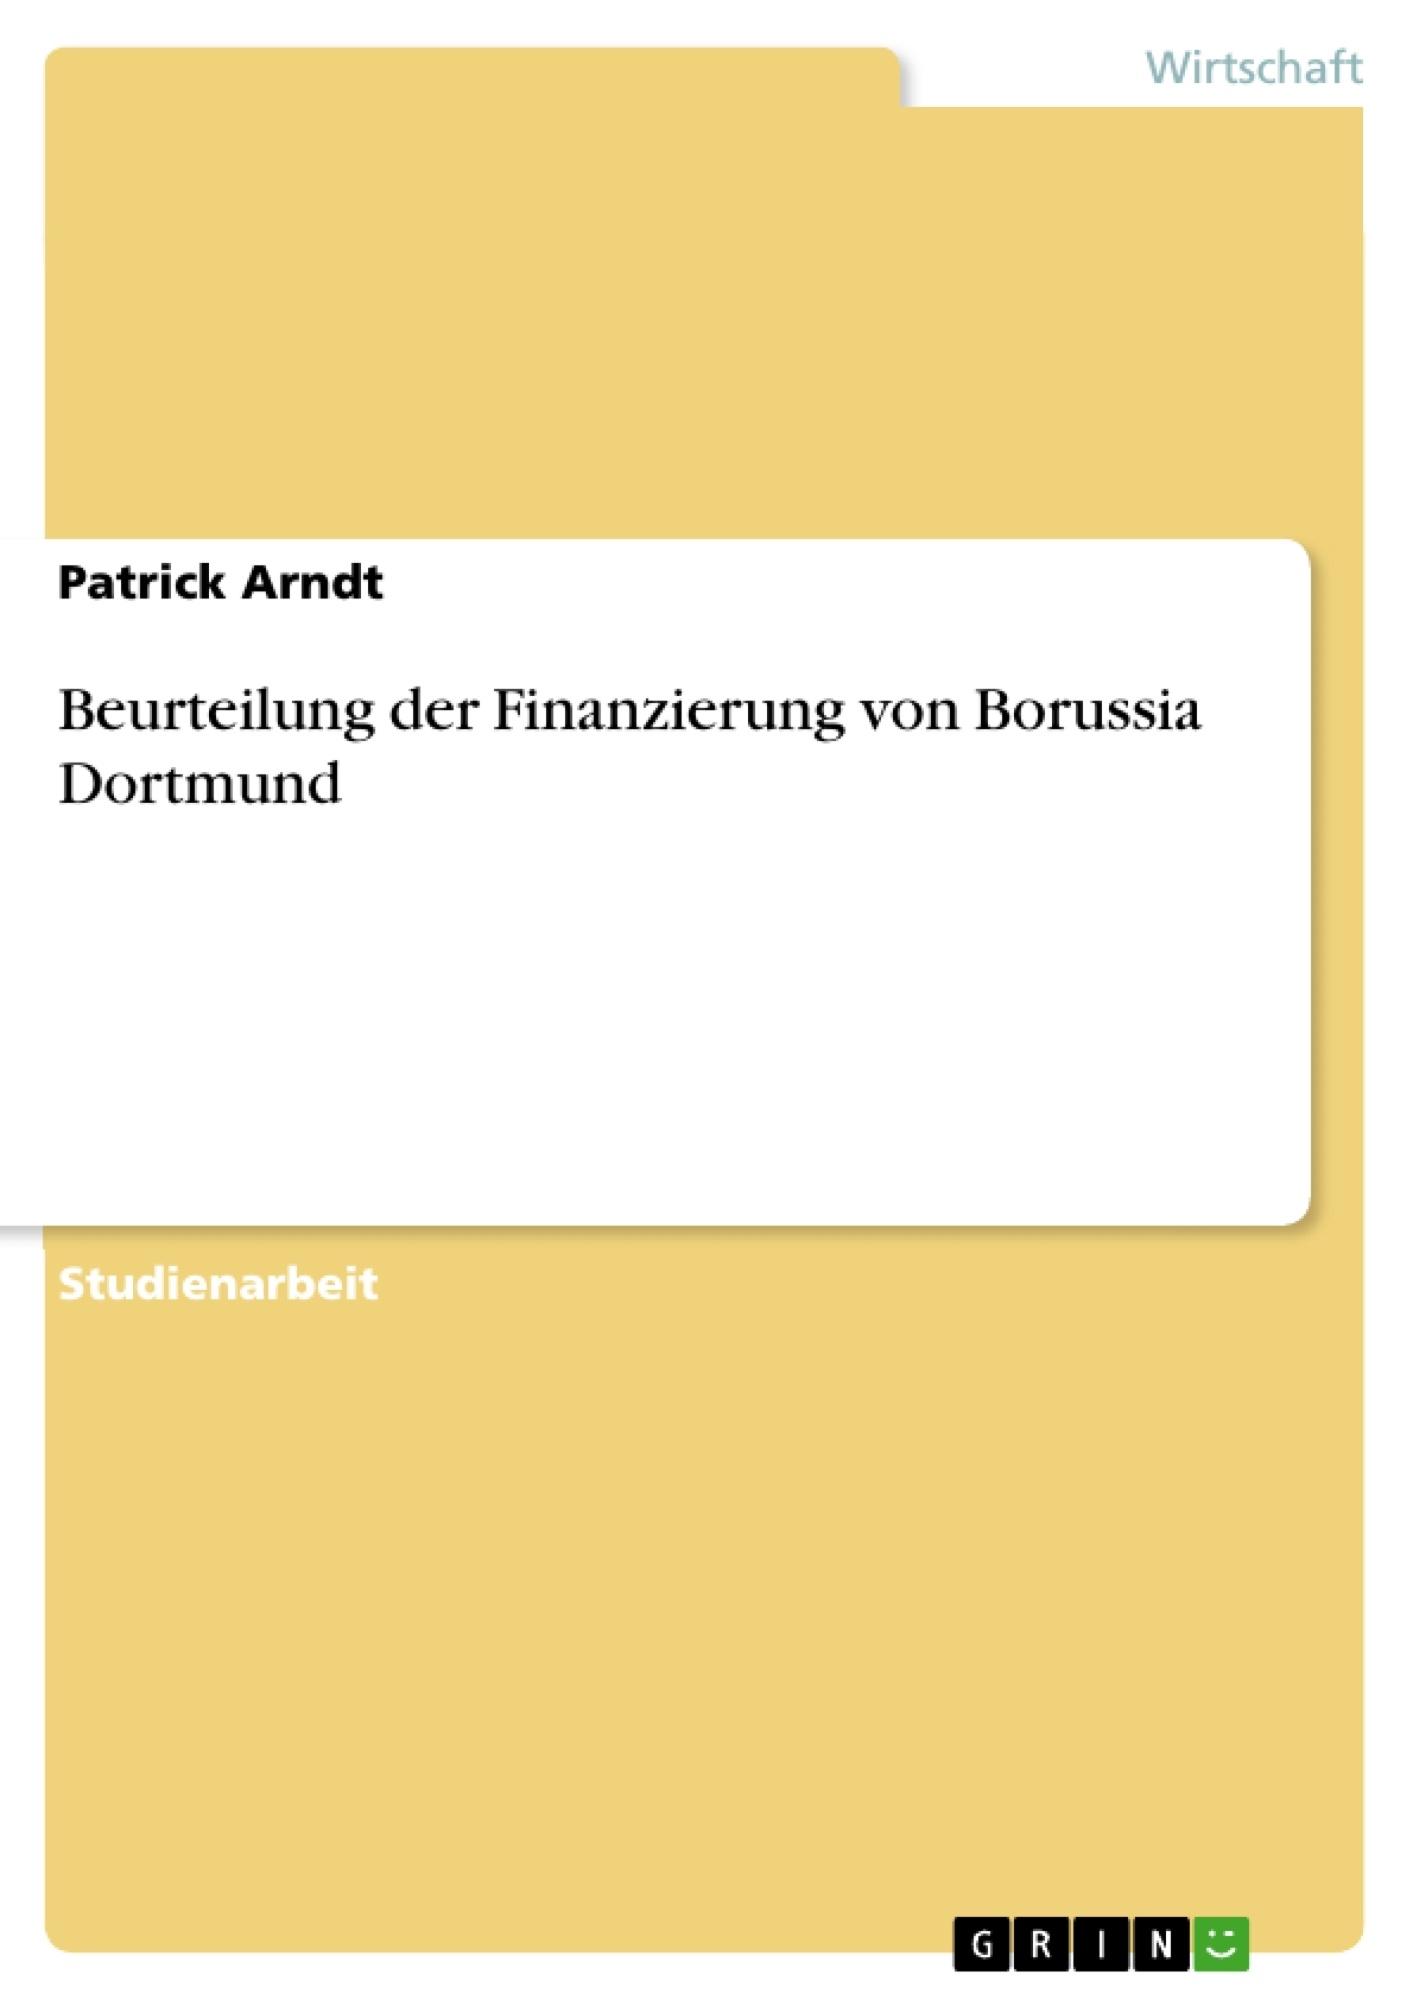 Titel: Beurteilung der Finanzierung von Borussia Dortmund